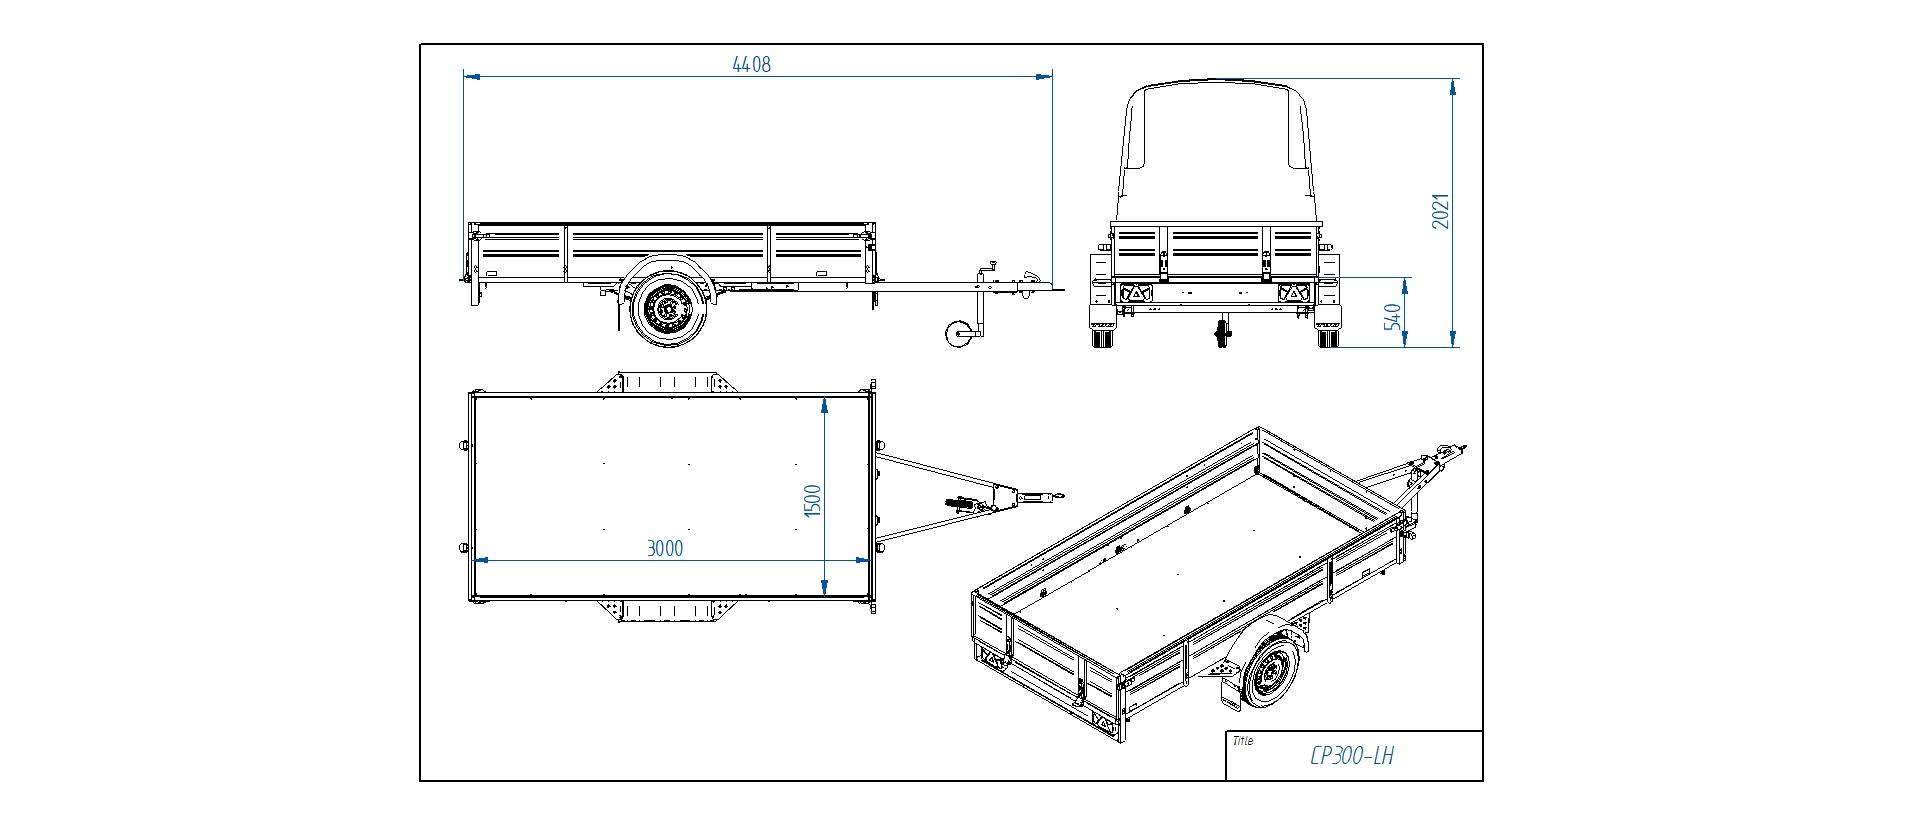 CP300-LH  [Priekabų standartinė įranga gali skirtis nuo pavaizduotos komplektacijos paveiksliuke]